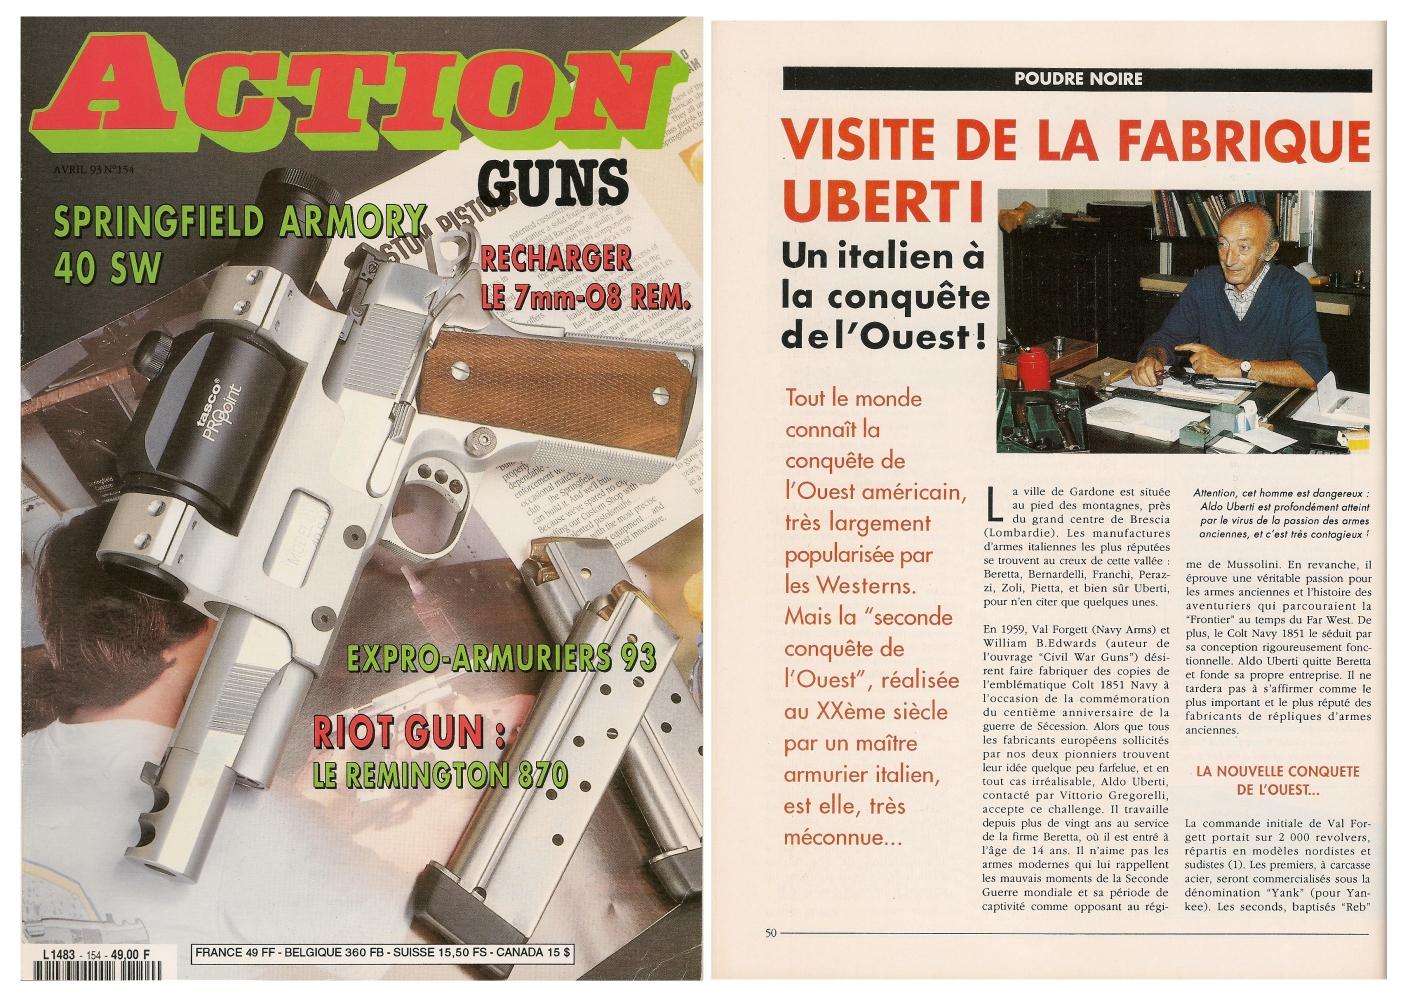 Le compte rendu de notre visite de l'usine Uberti a été publié sur 4 pages dans le magazine Action Guns n°154 (avril 1993)